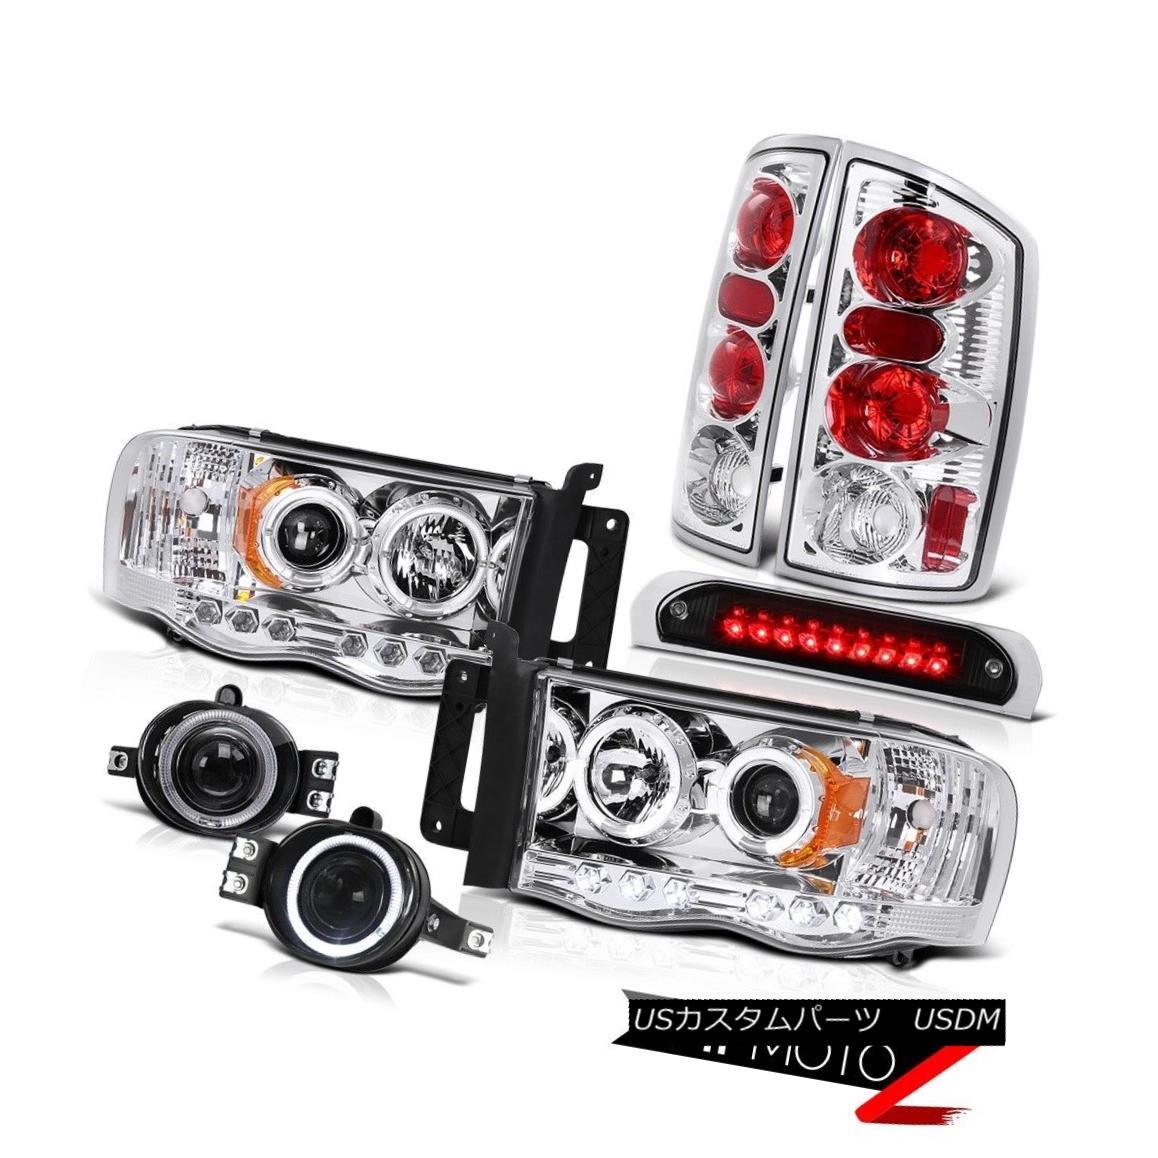 テールライト LED DRL Headlamps Rear Tail Light Projector Fog 3rd Brake Cargo 2002-2005 Ram V6 LED DRLヘッドランプリアテールライトプロジェクターフォグ第3ブレーキカーゴ2002-2005 Ram V6